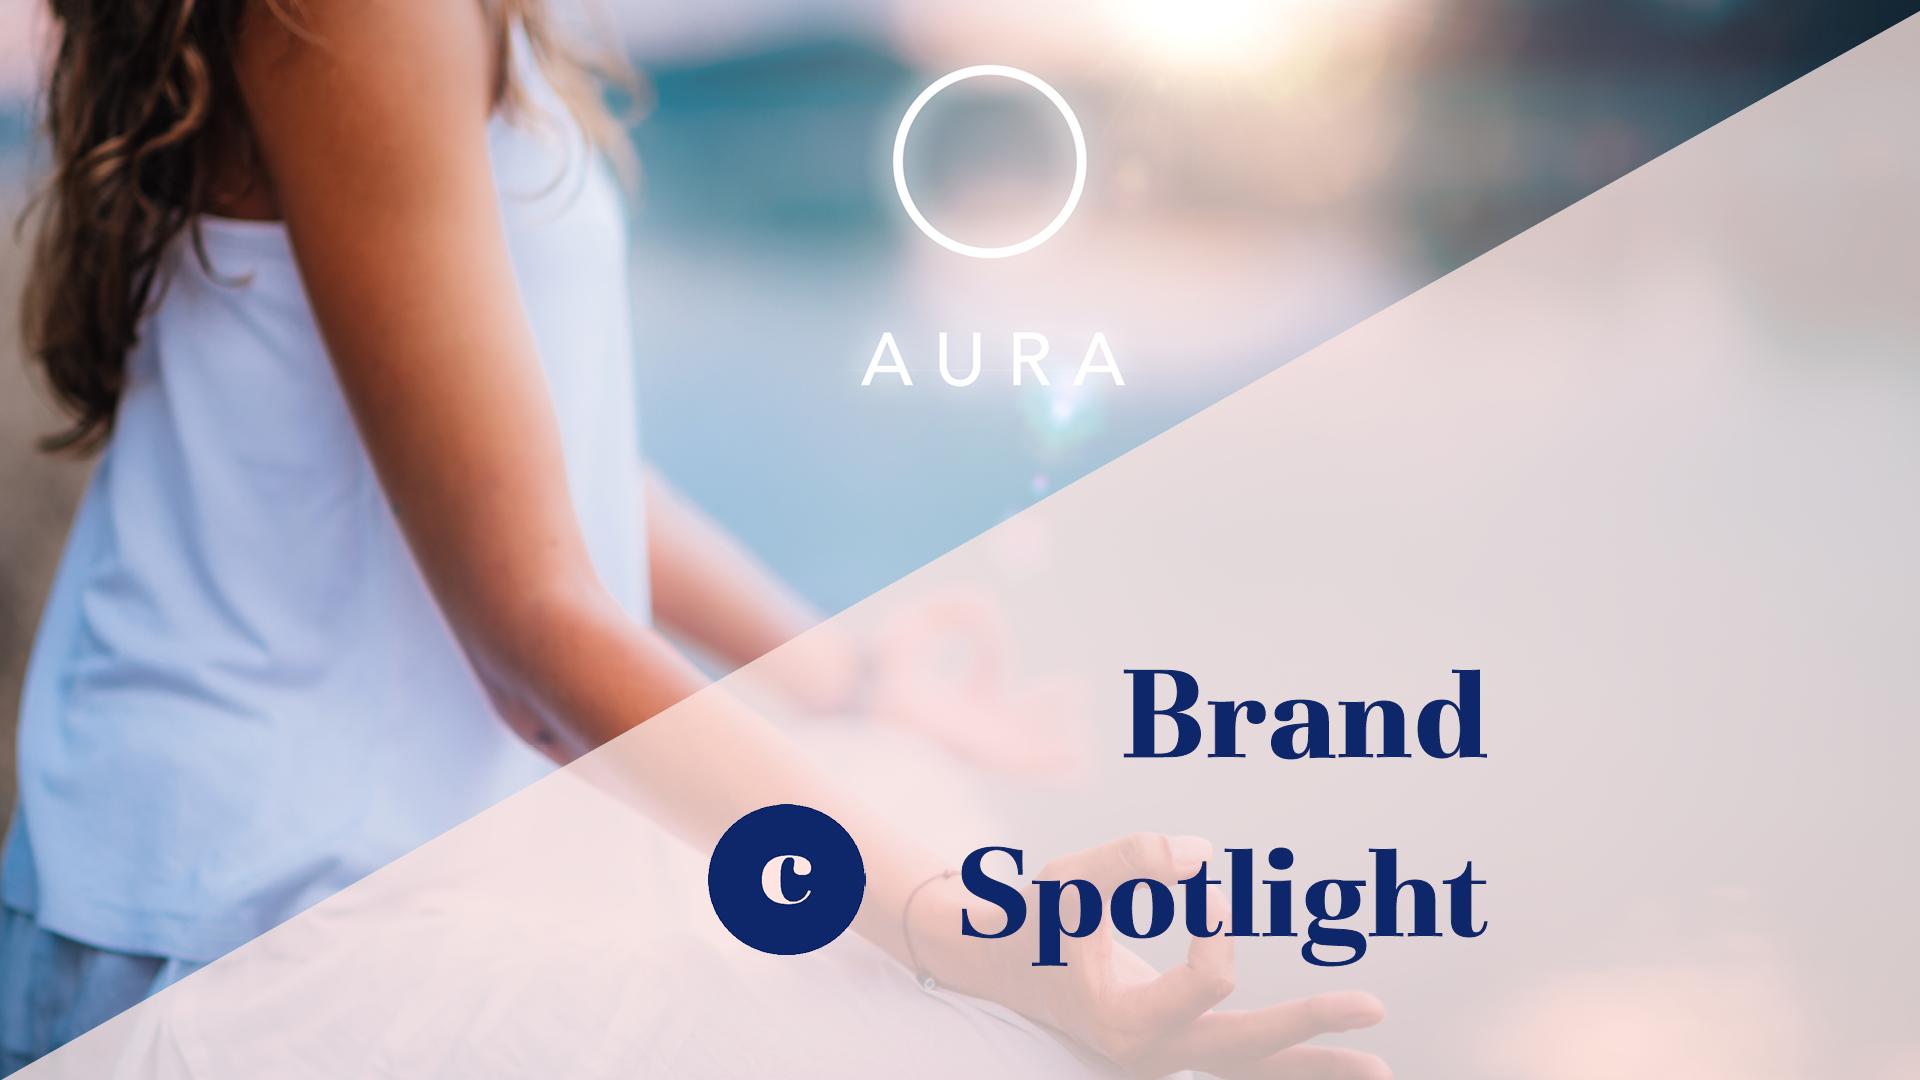 Brand Spotlight. Aura.